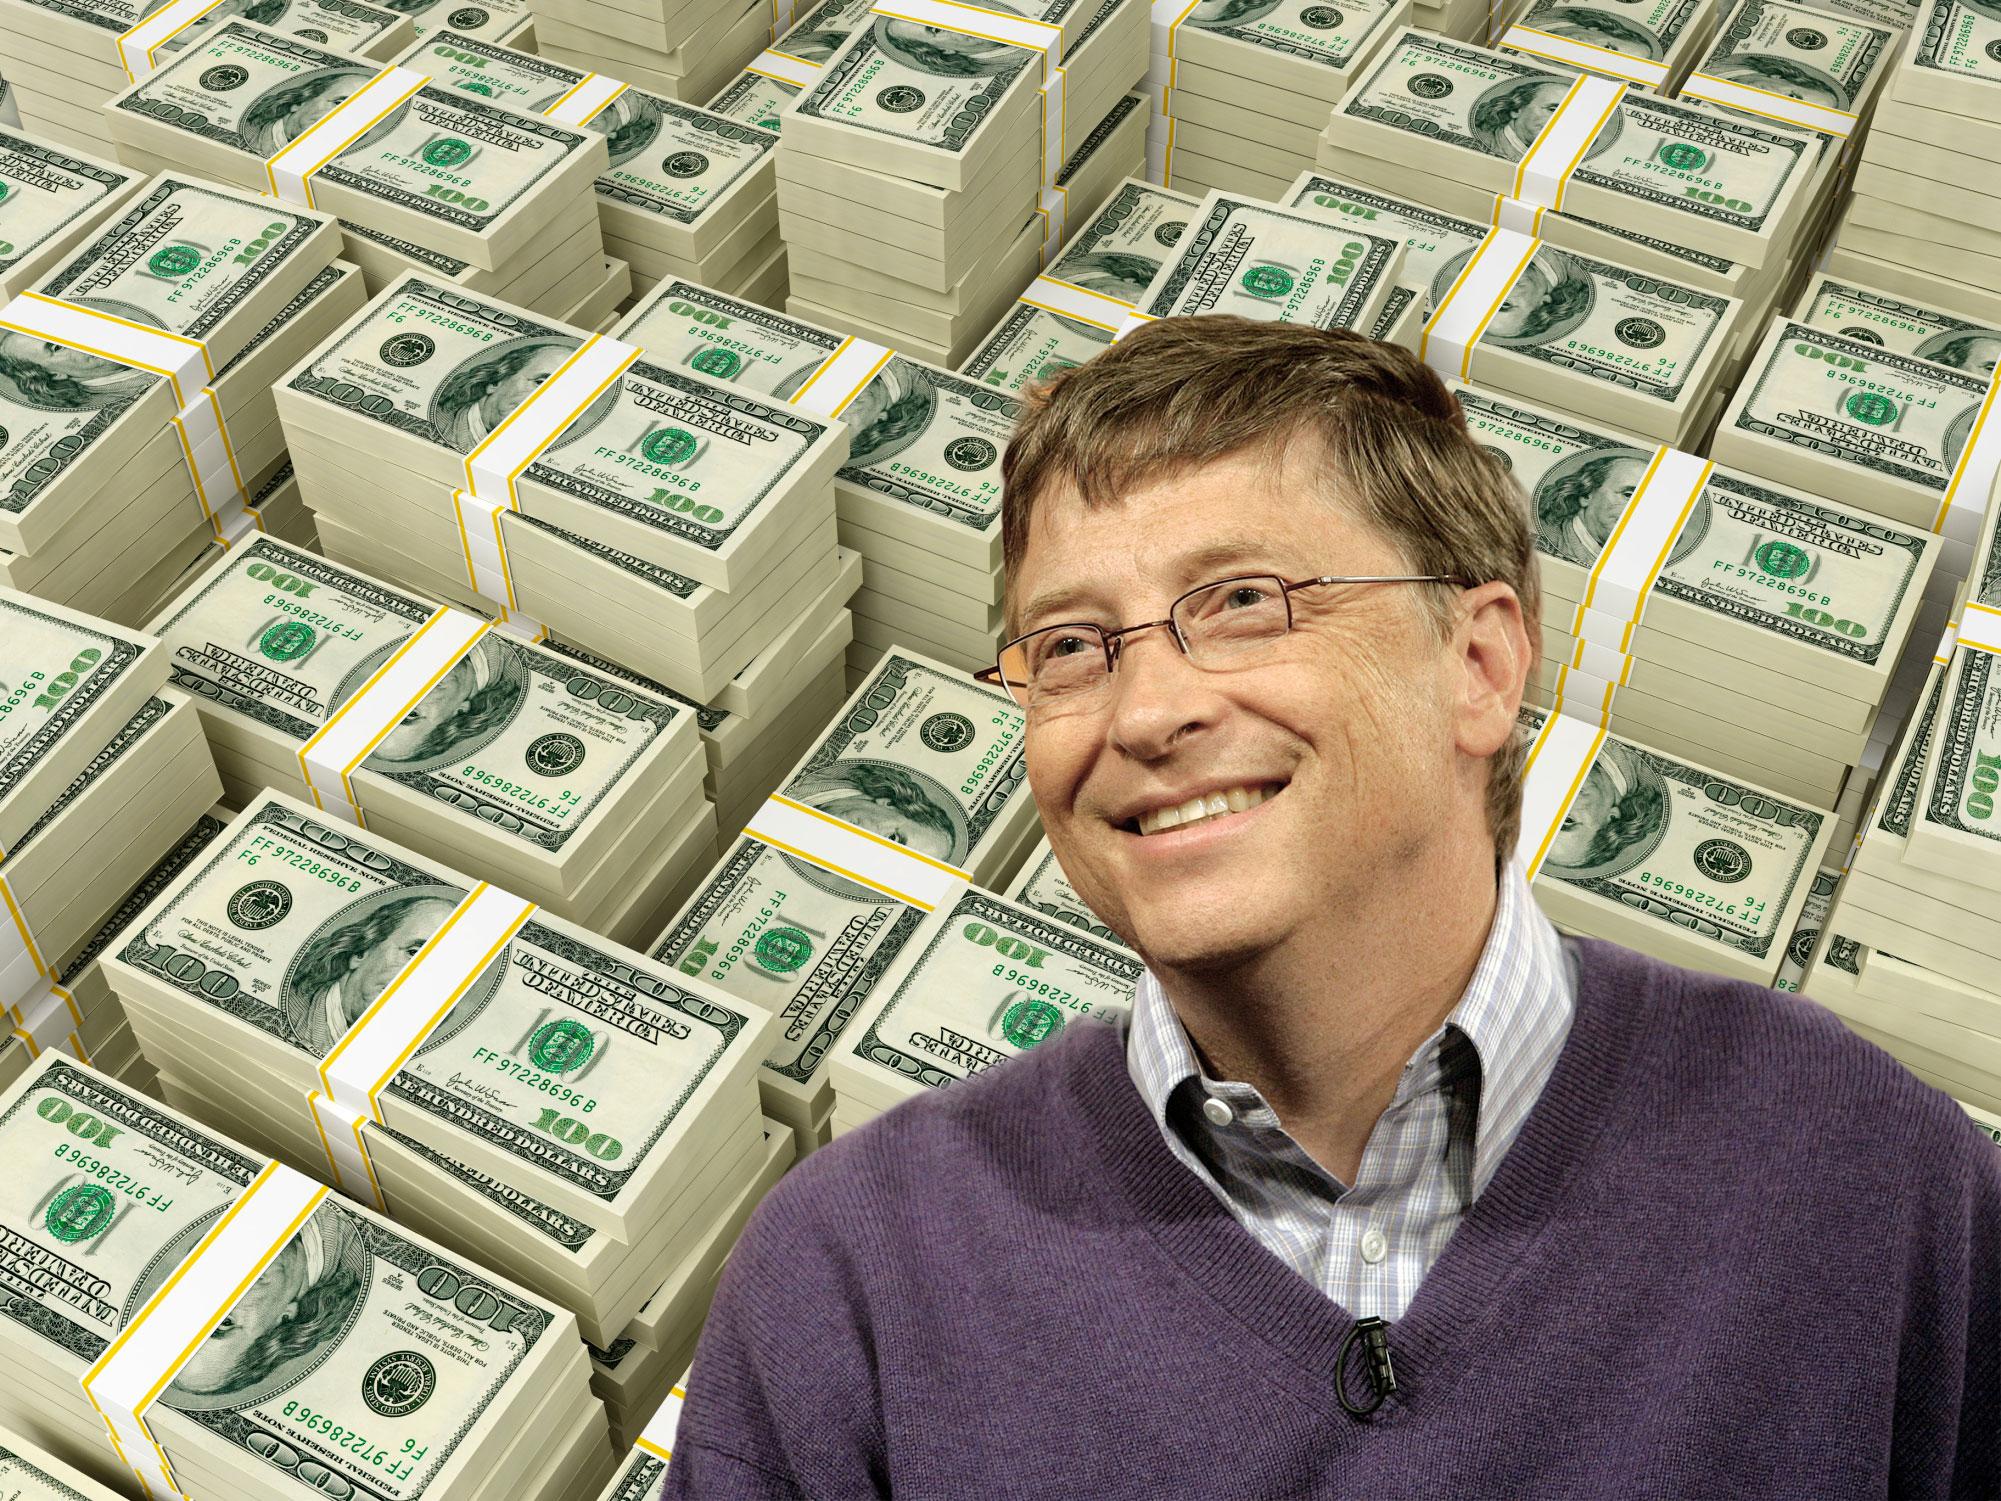 Belçikalı startap, Bill Gates-dən 12 milyon dollar investisiya aldı